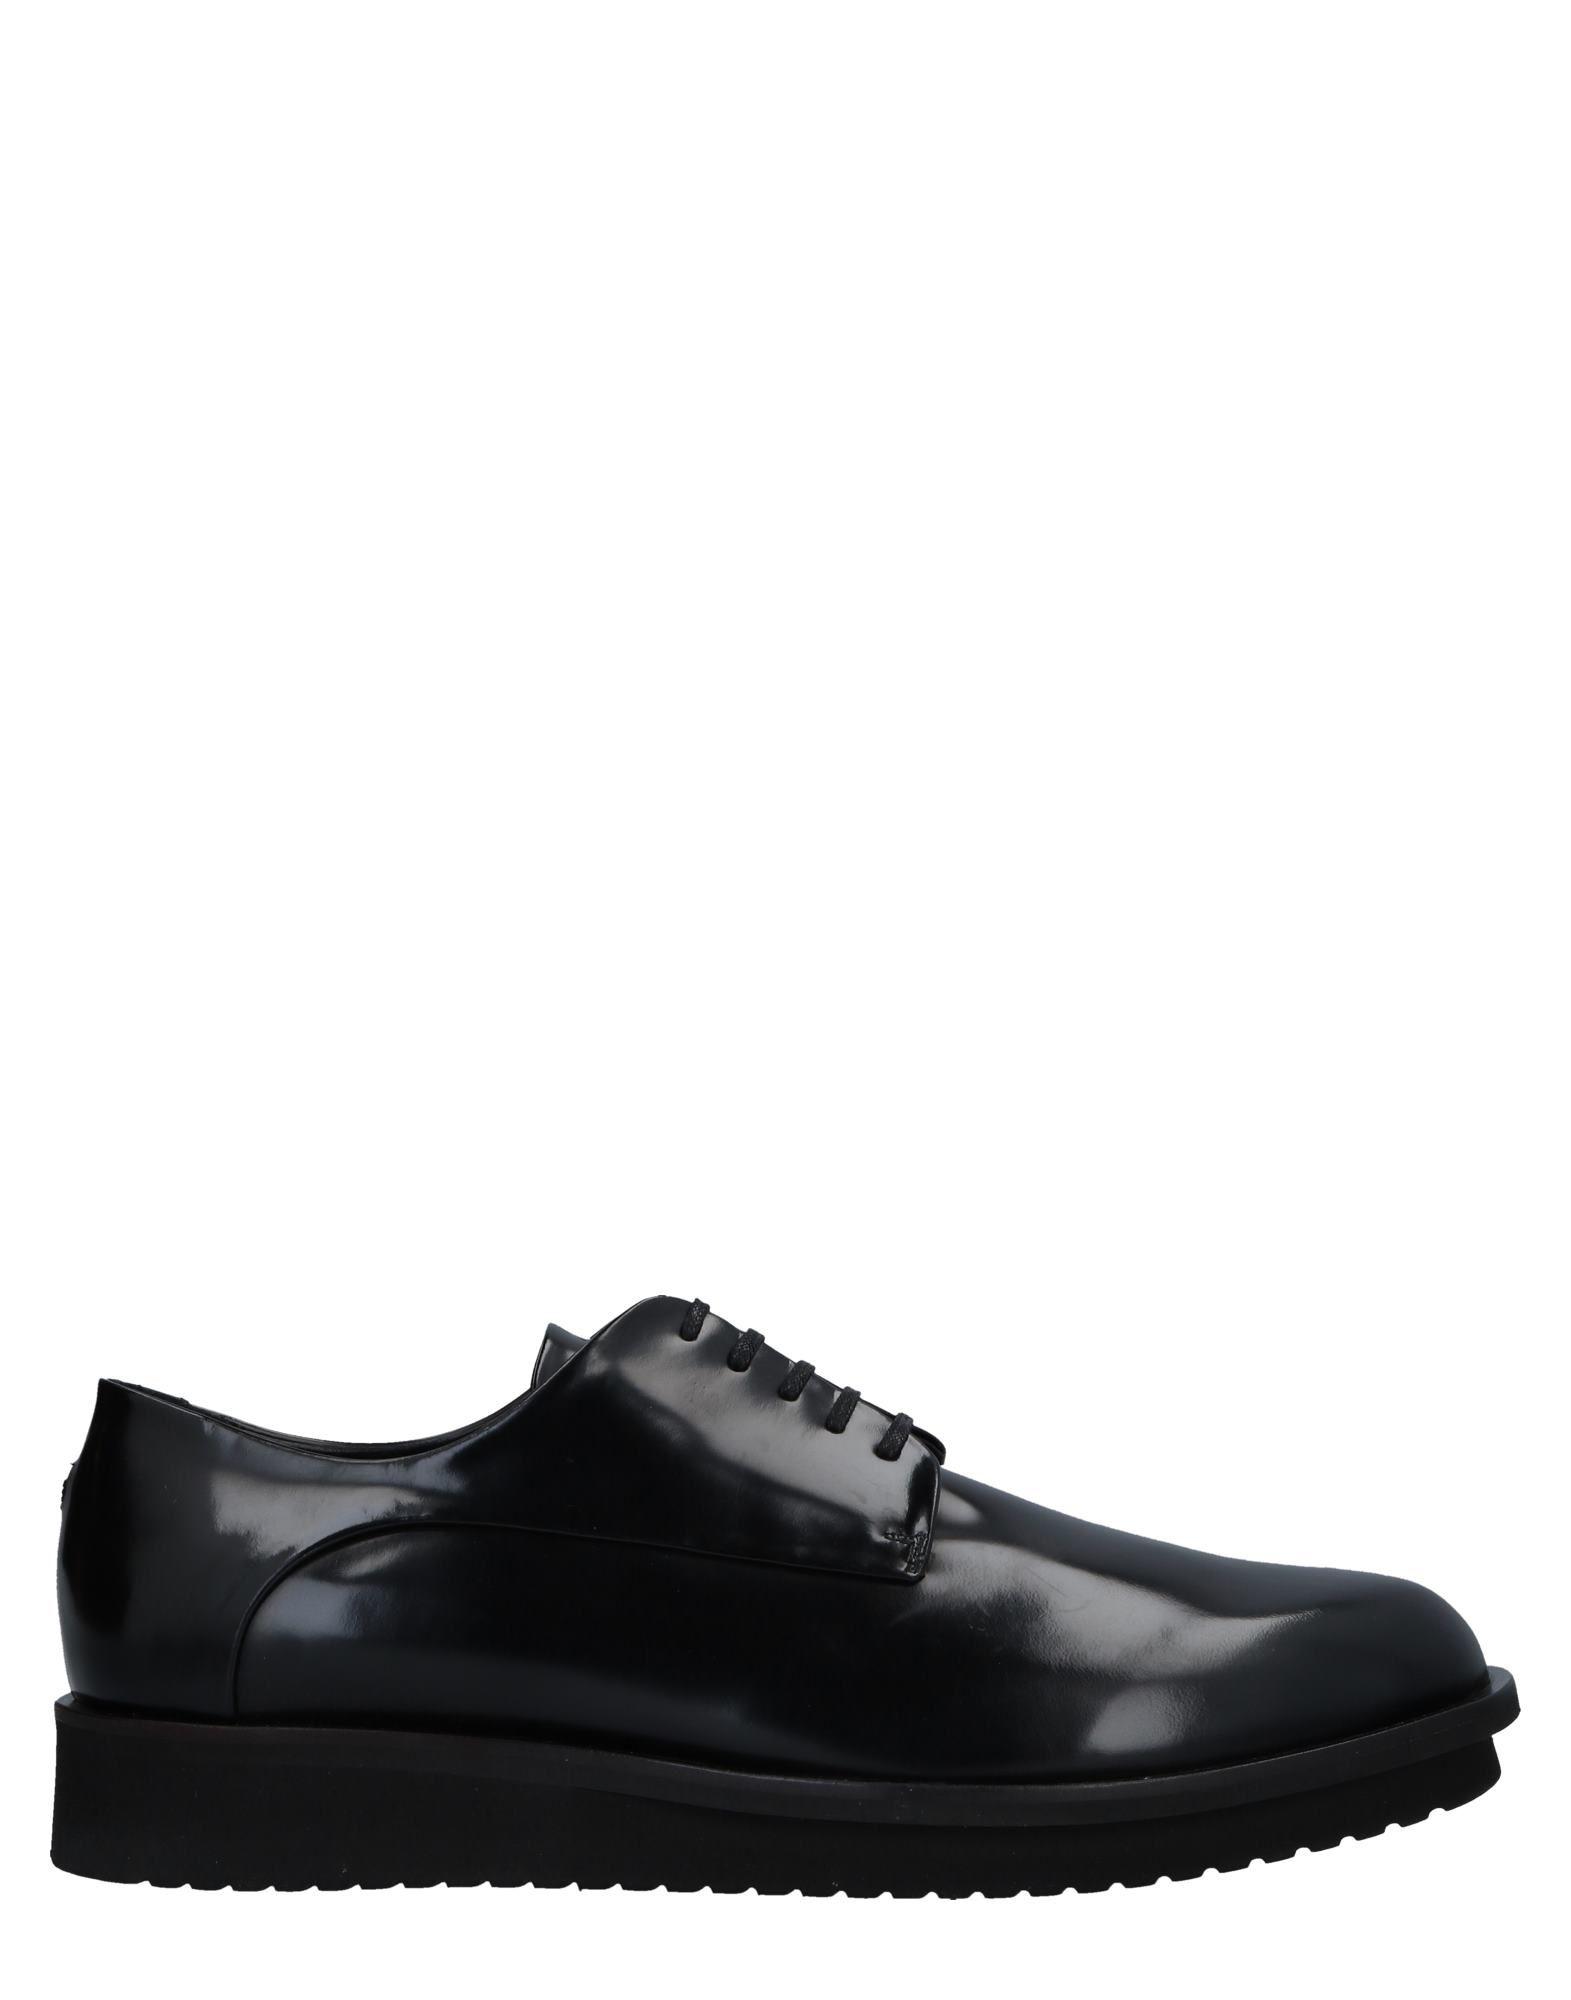 Armani Collezioni Schnürschuhe Herren  11517502AX Gute Qualität beliebte Schuhe